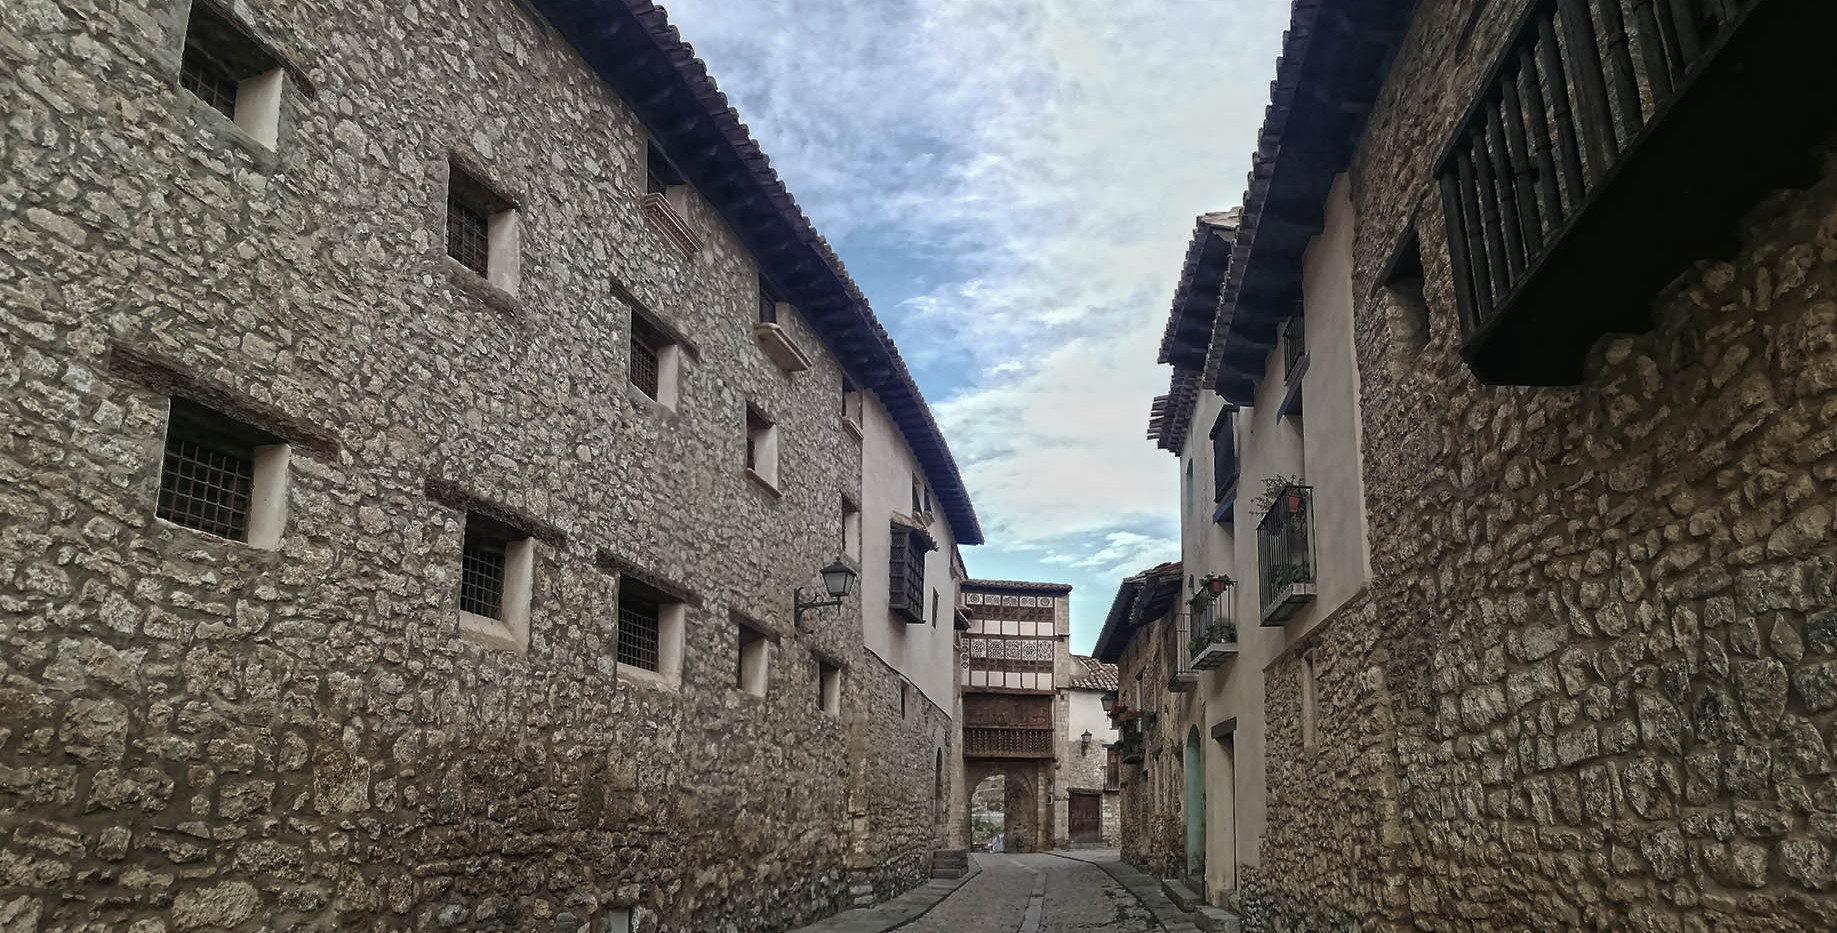 Rueda en Teruel-Shoot in Teruel- Mirambel